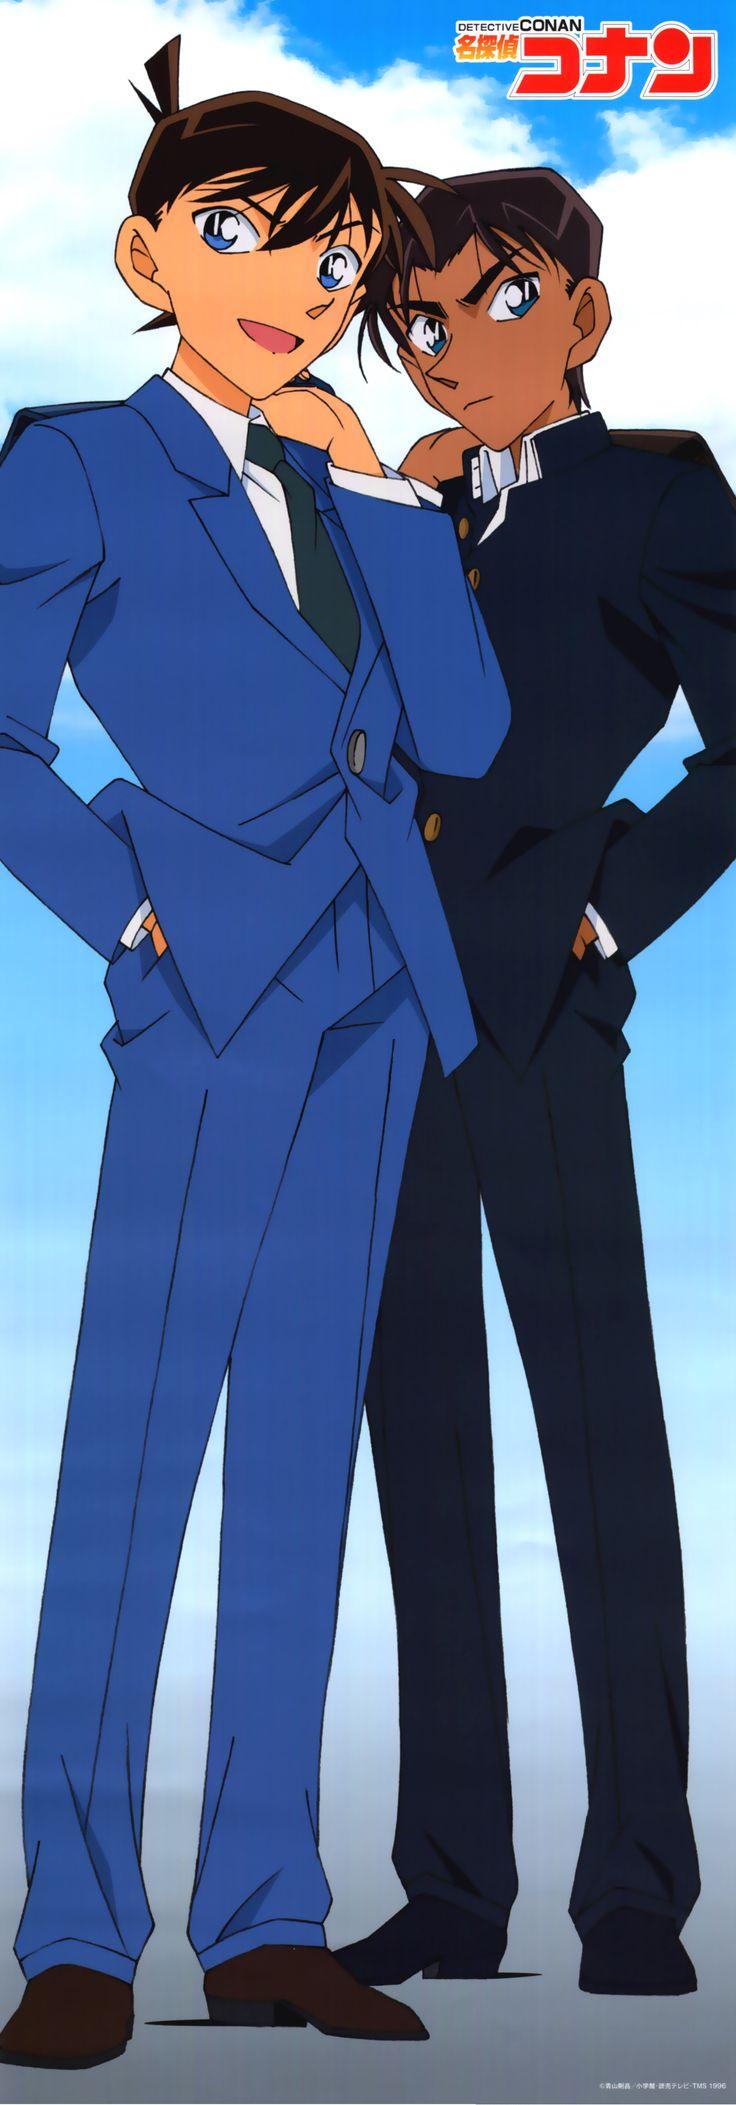 Meitantei Conan, Hattori Heiji, Kudou Shinichi, School Bag